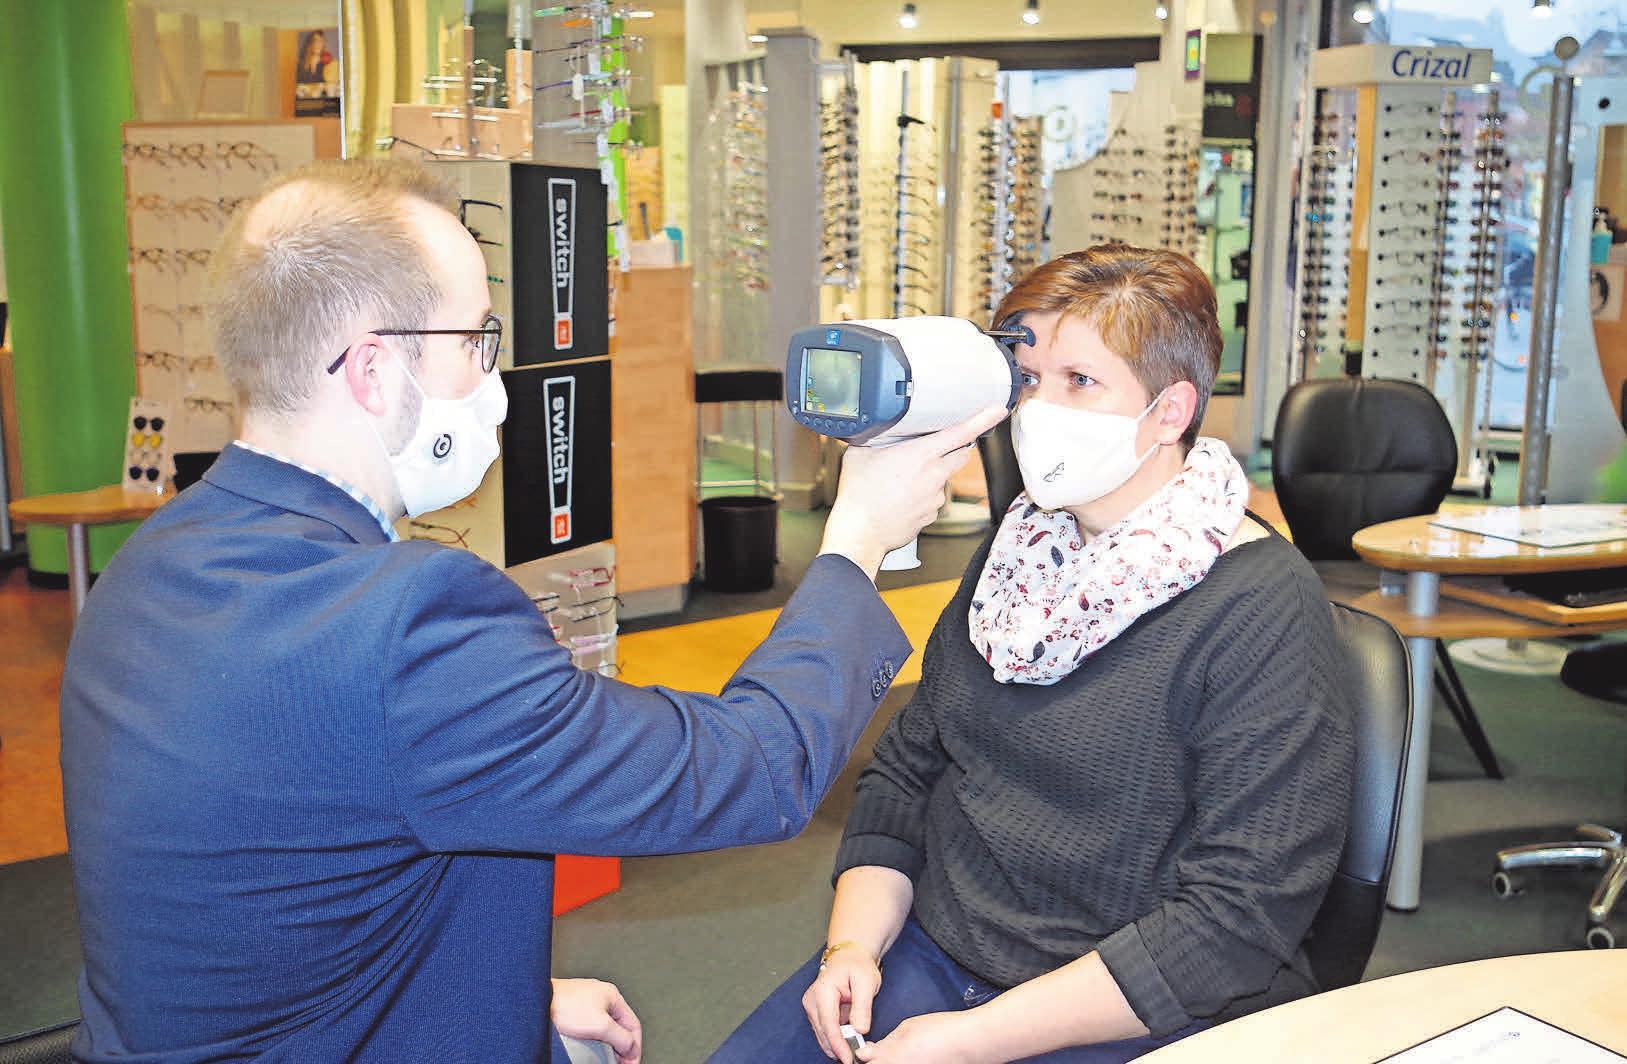 Steffen Heitmann misst mit dem Handy-Ref die Brillenwerte.